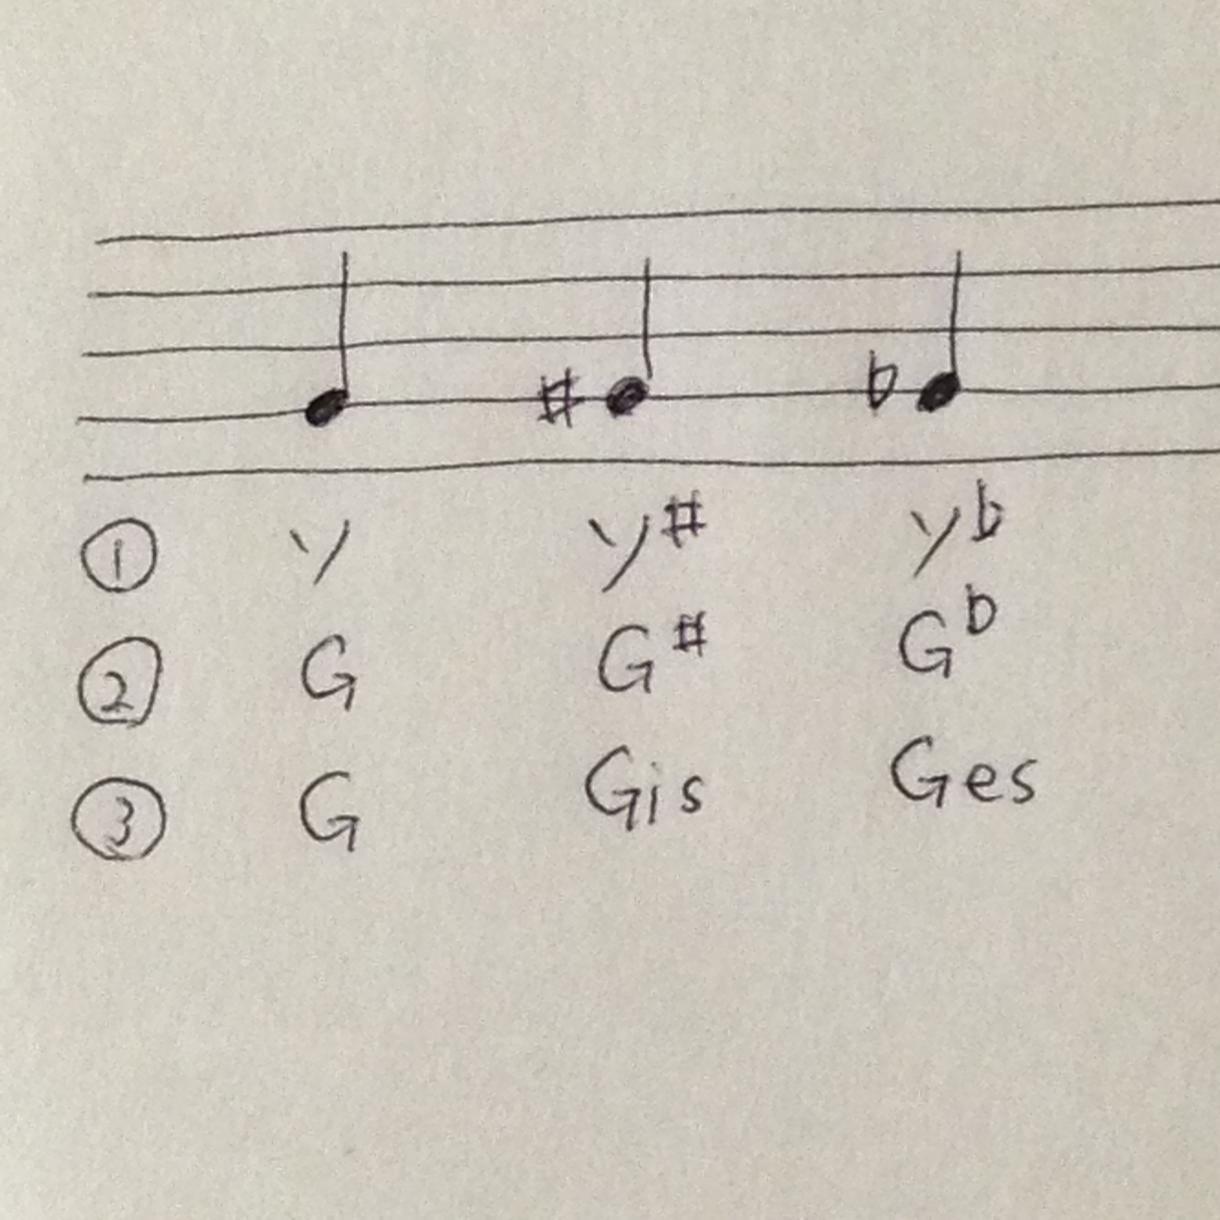 楽譜にドレミを書き込みます 譜読みができない音楽初心者の方をお助け